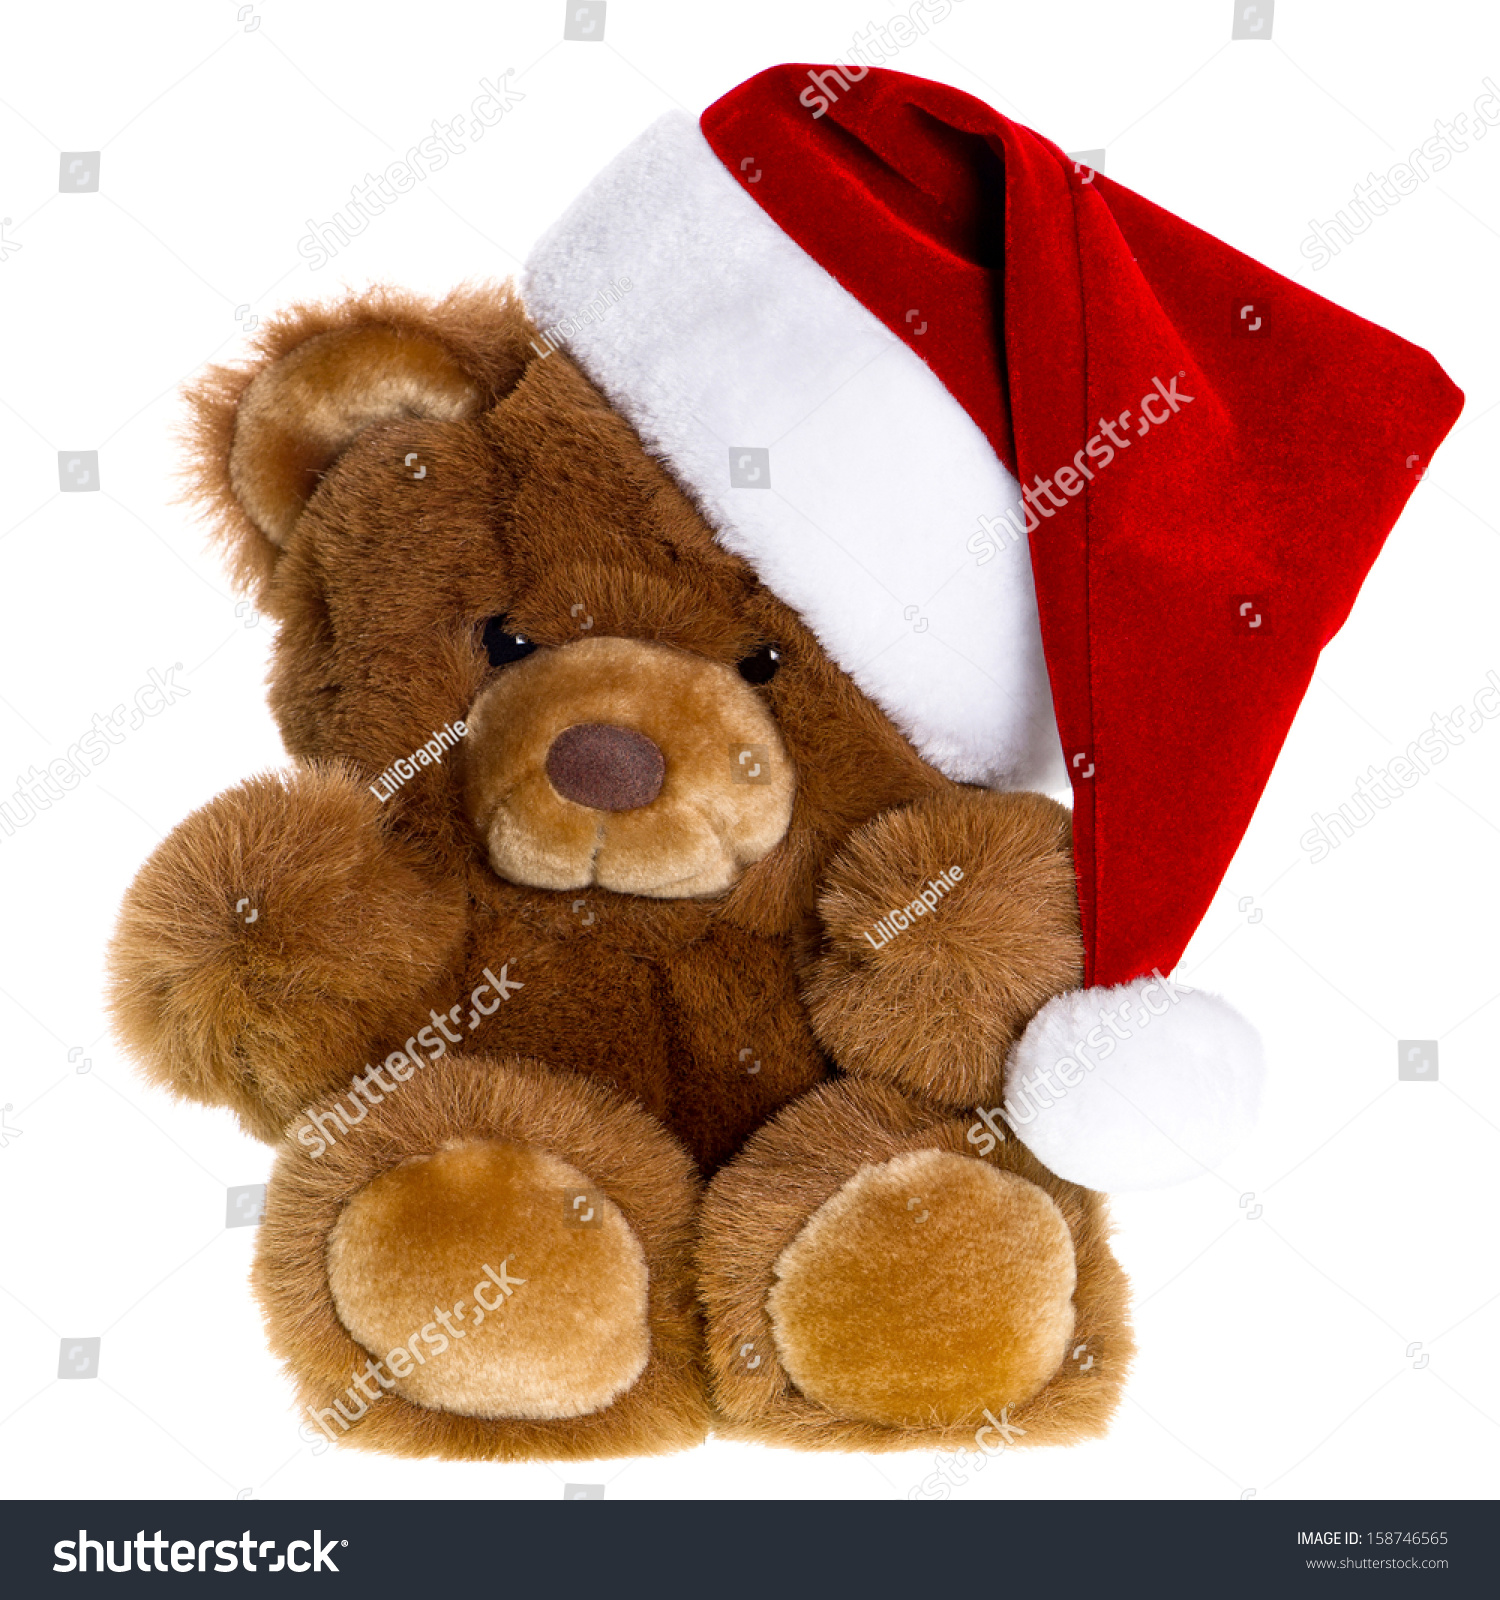 可爱的泰迪熊和圣诞老人的帽子.圣诞装饰-假期,复古